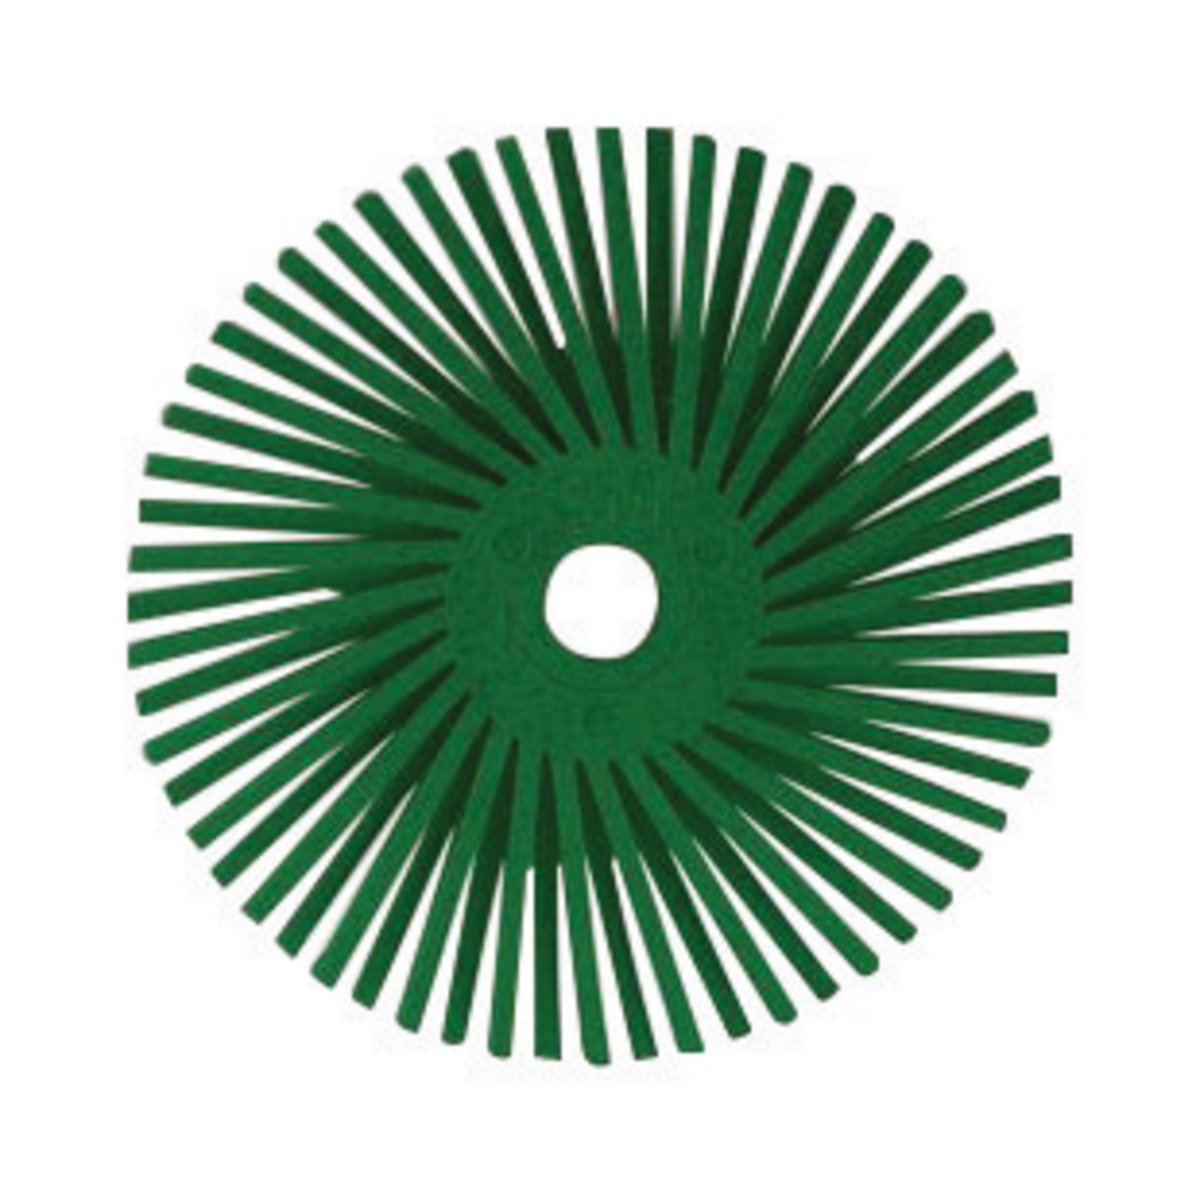 3M Scotch-Brite Roloc Radial Bristle Disc, 50 Grit